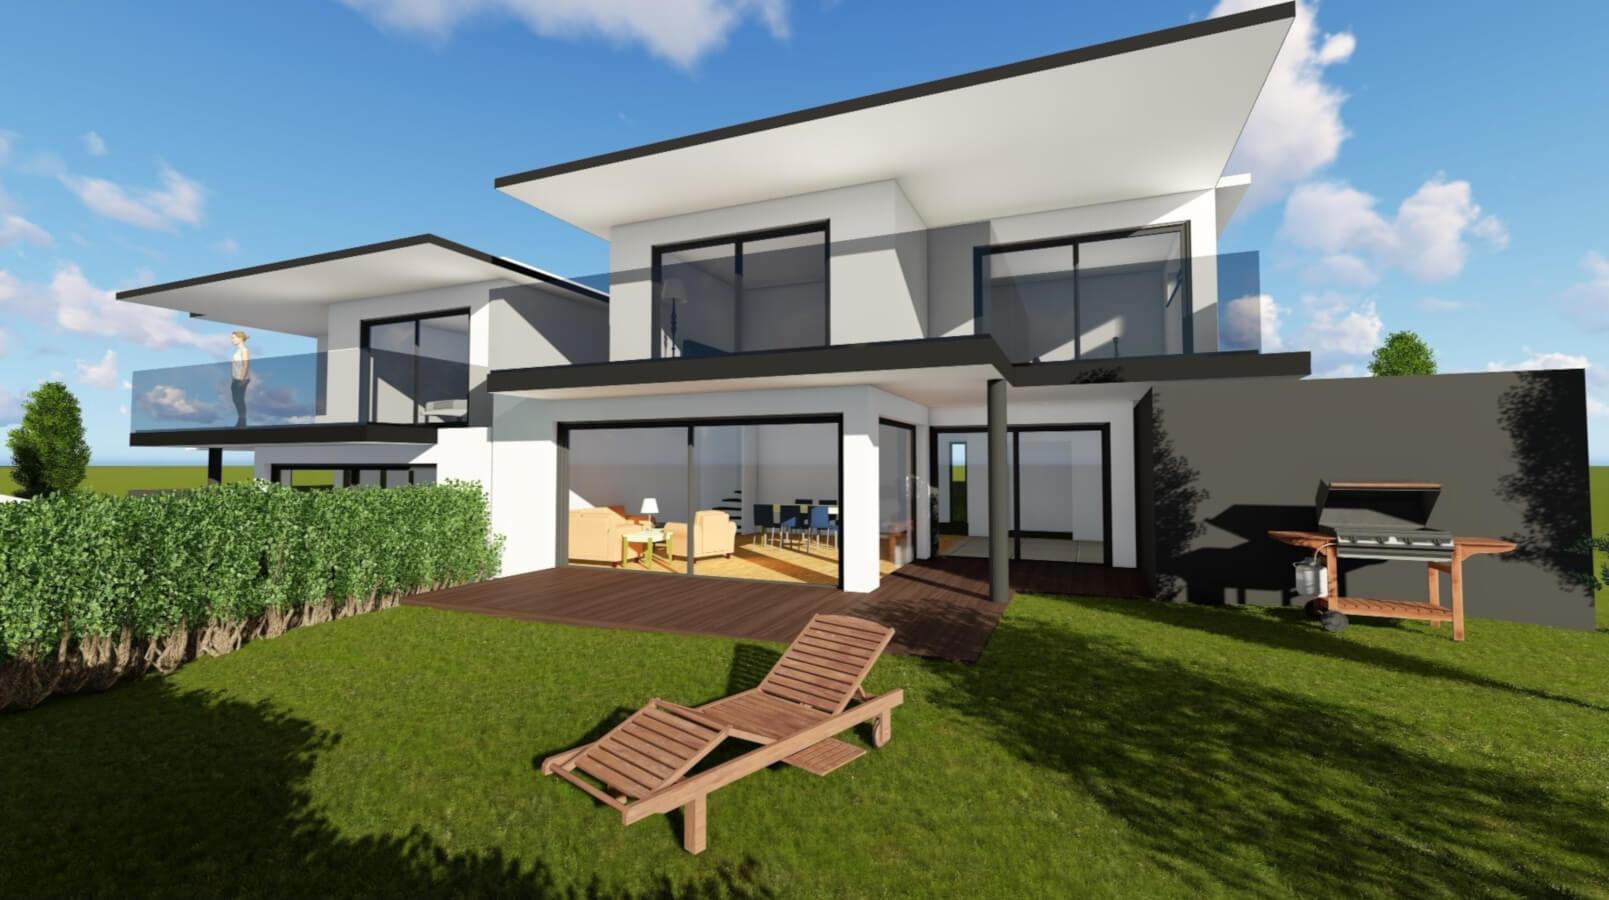 Moderne Doppelhaushälfte mit großzügigem Garten, Balkon und freischwebender Decke